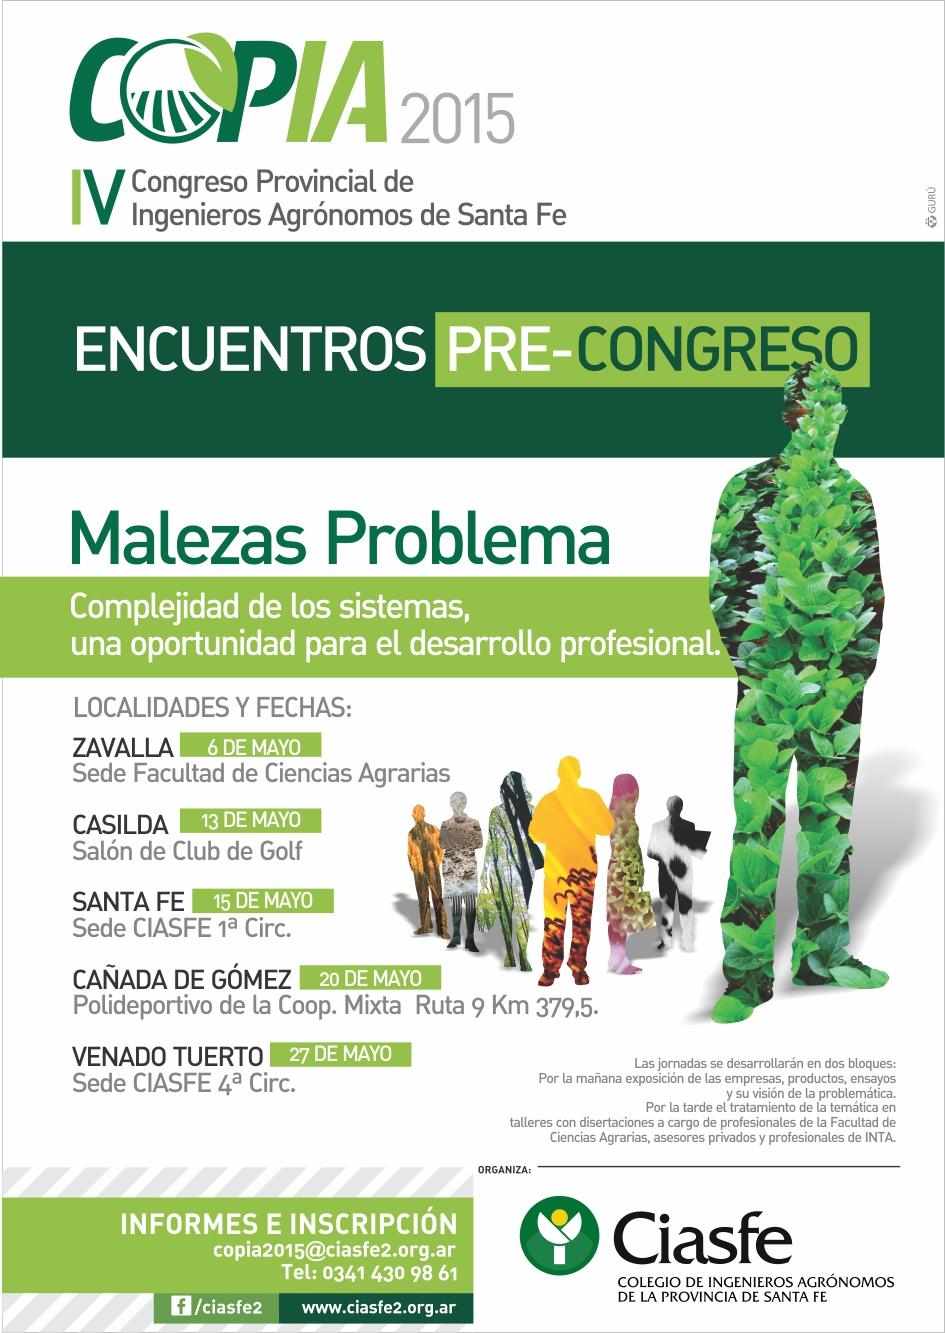 COPIA-2015-encuentros-precongreso